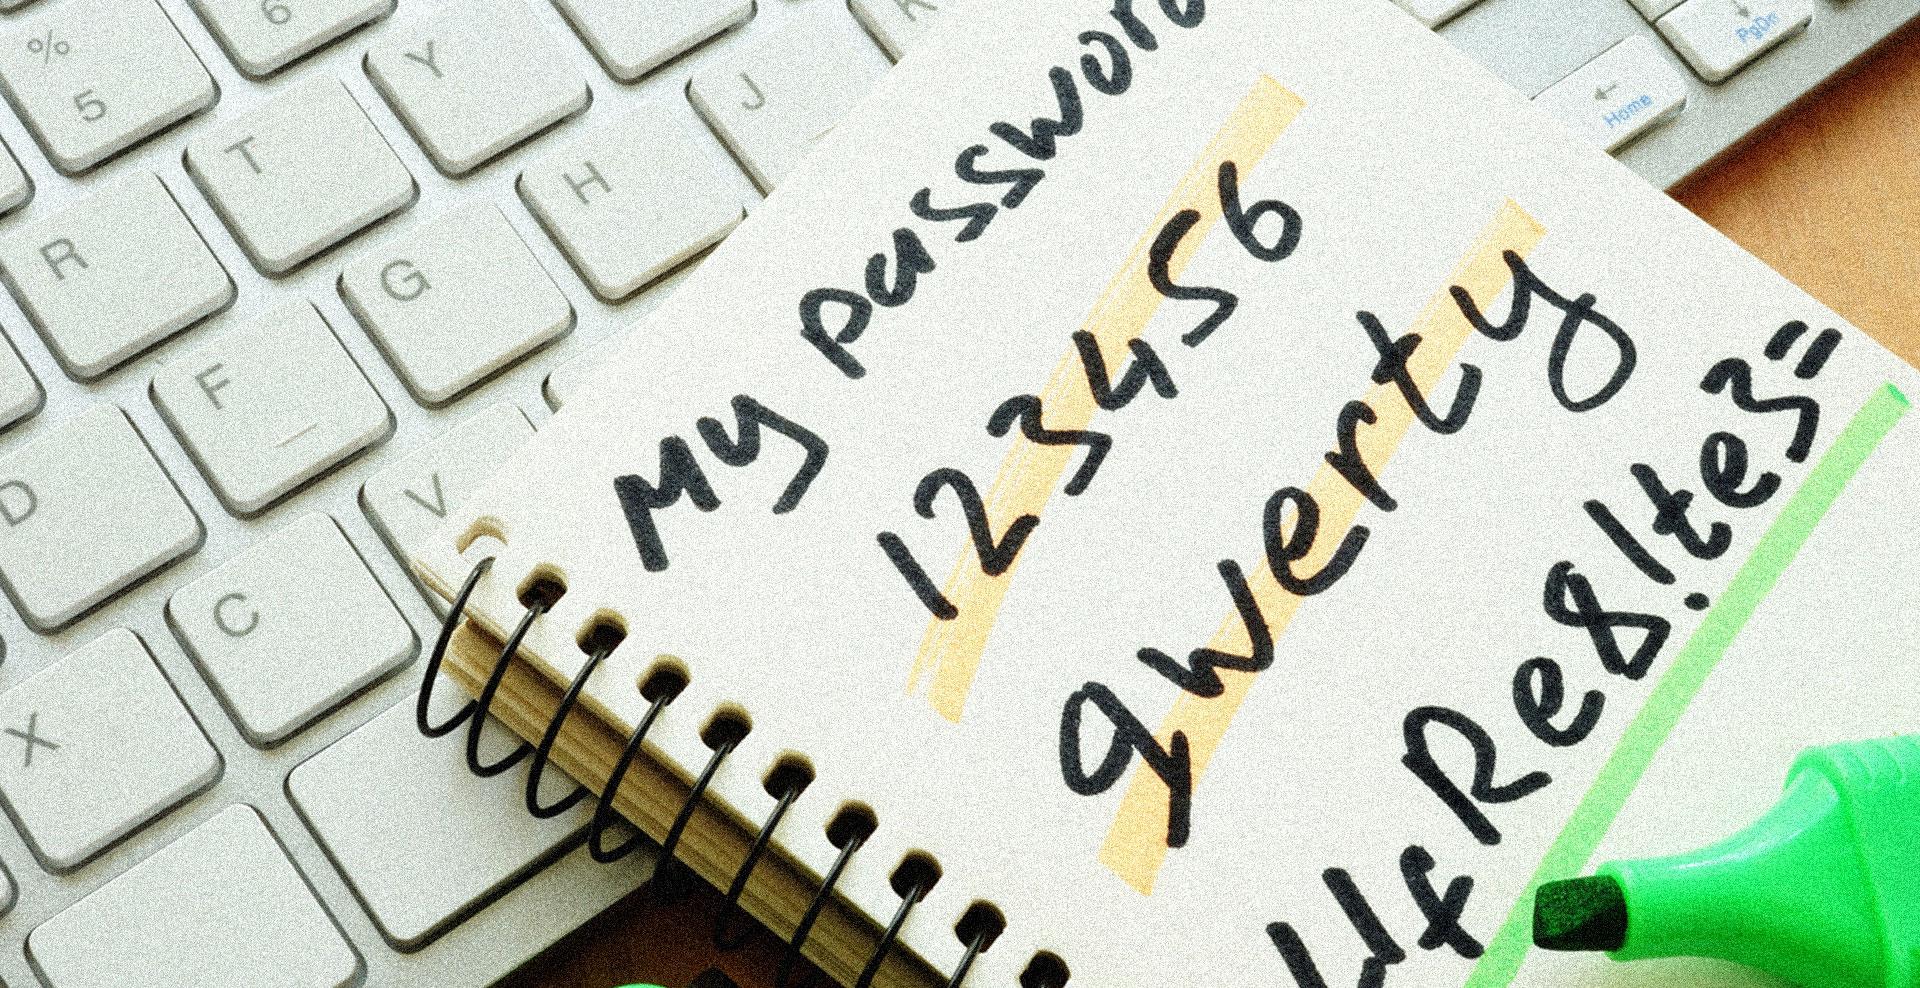 passwords written in notebook